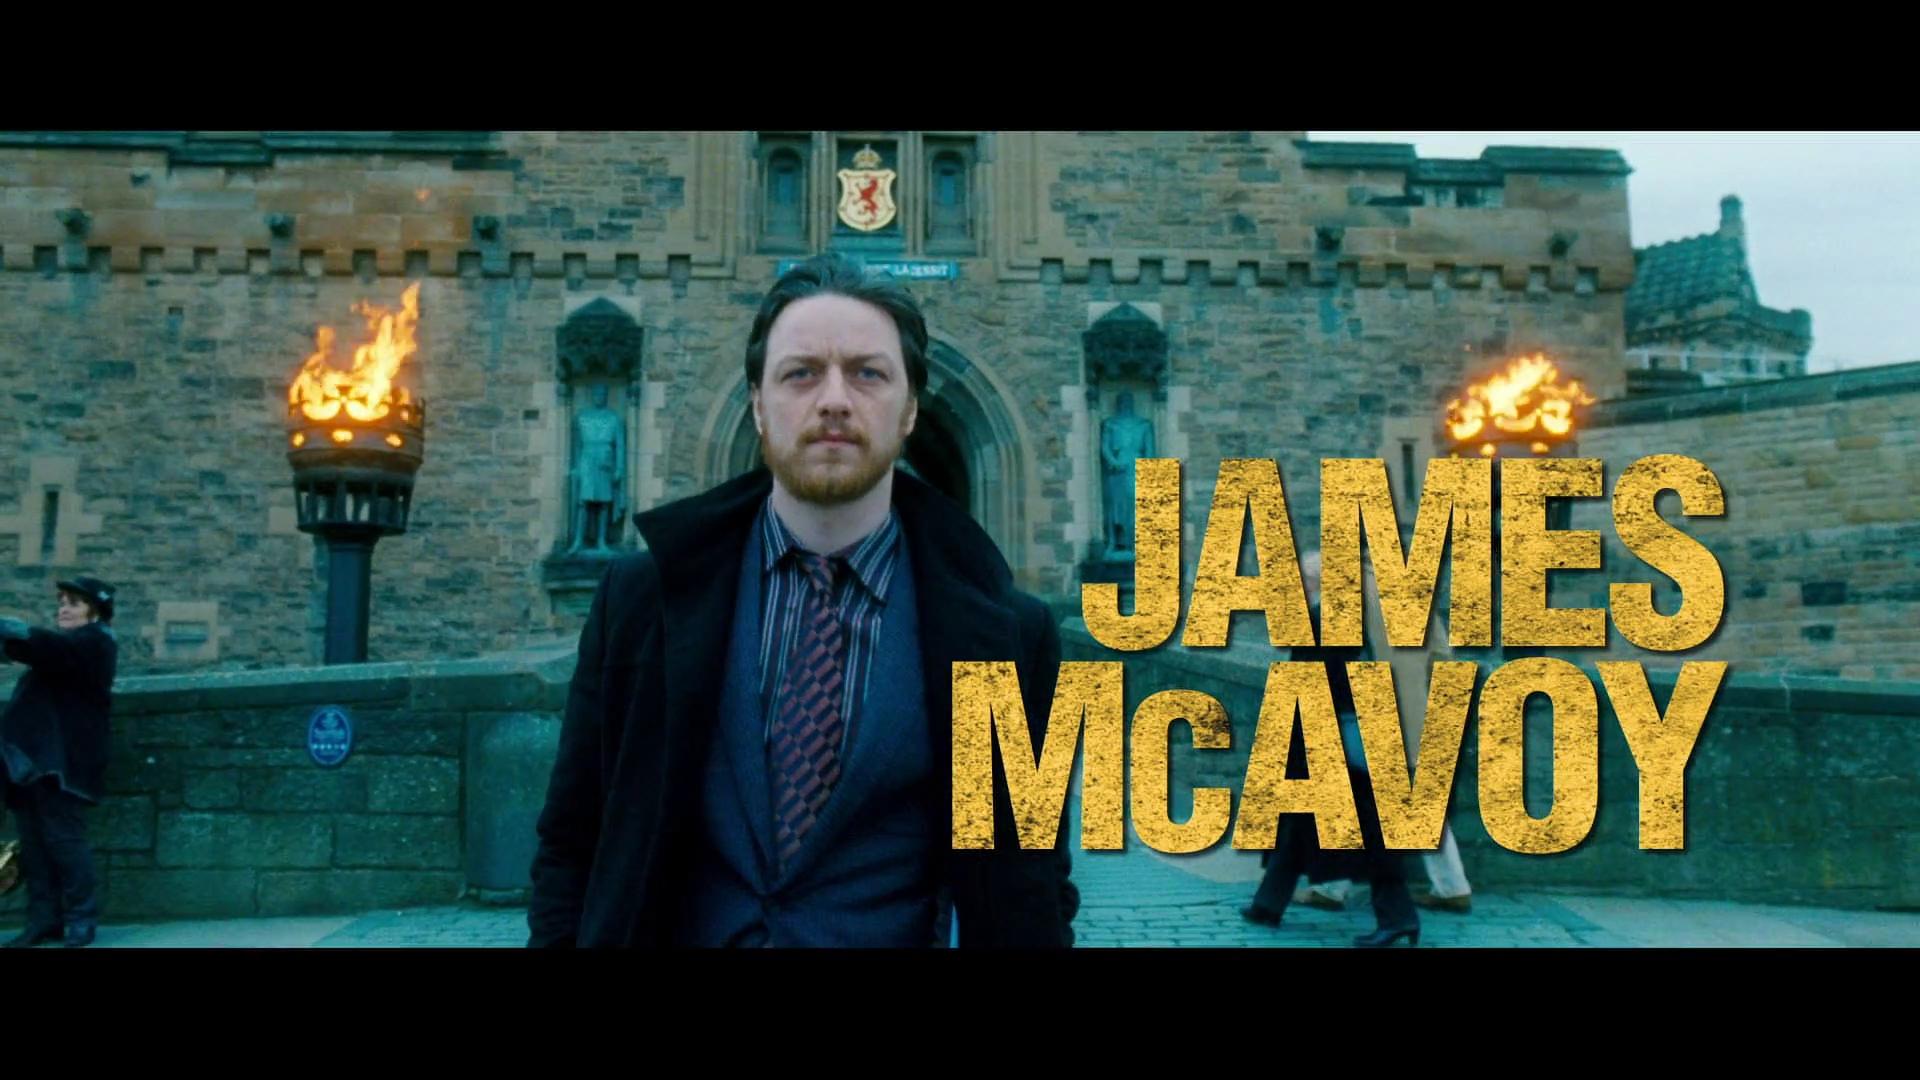 Popular Wallpaper Movie Filth - James-McAvoy-Filth-Trailer-2-james-mcavoy-34923559-1920-1080  Graphic_481488.jpg